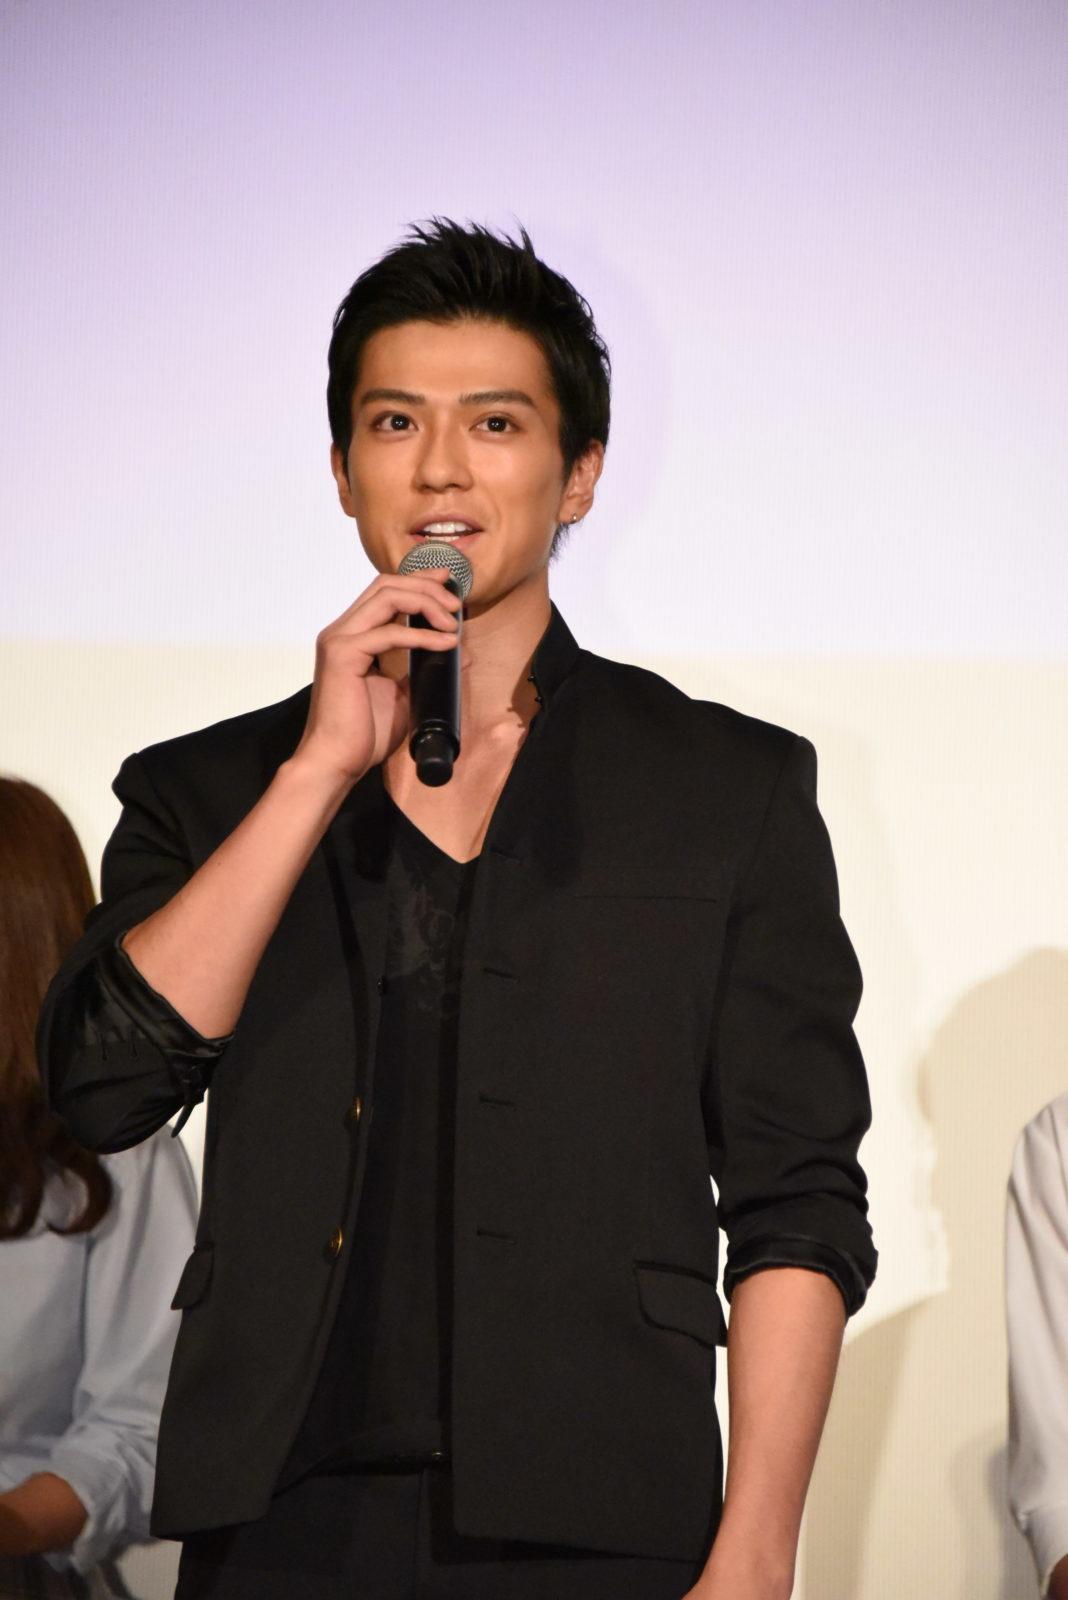 松本潤、小栗旬との食事会にきた若手俳優を明かし「凄いメンバー」「何それ天国??」サムネイル画像